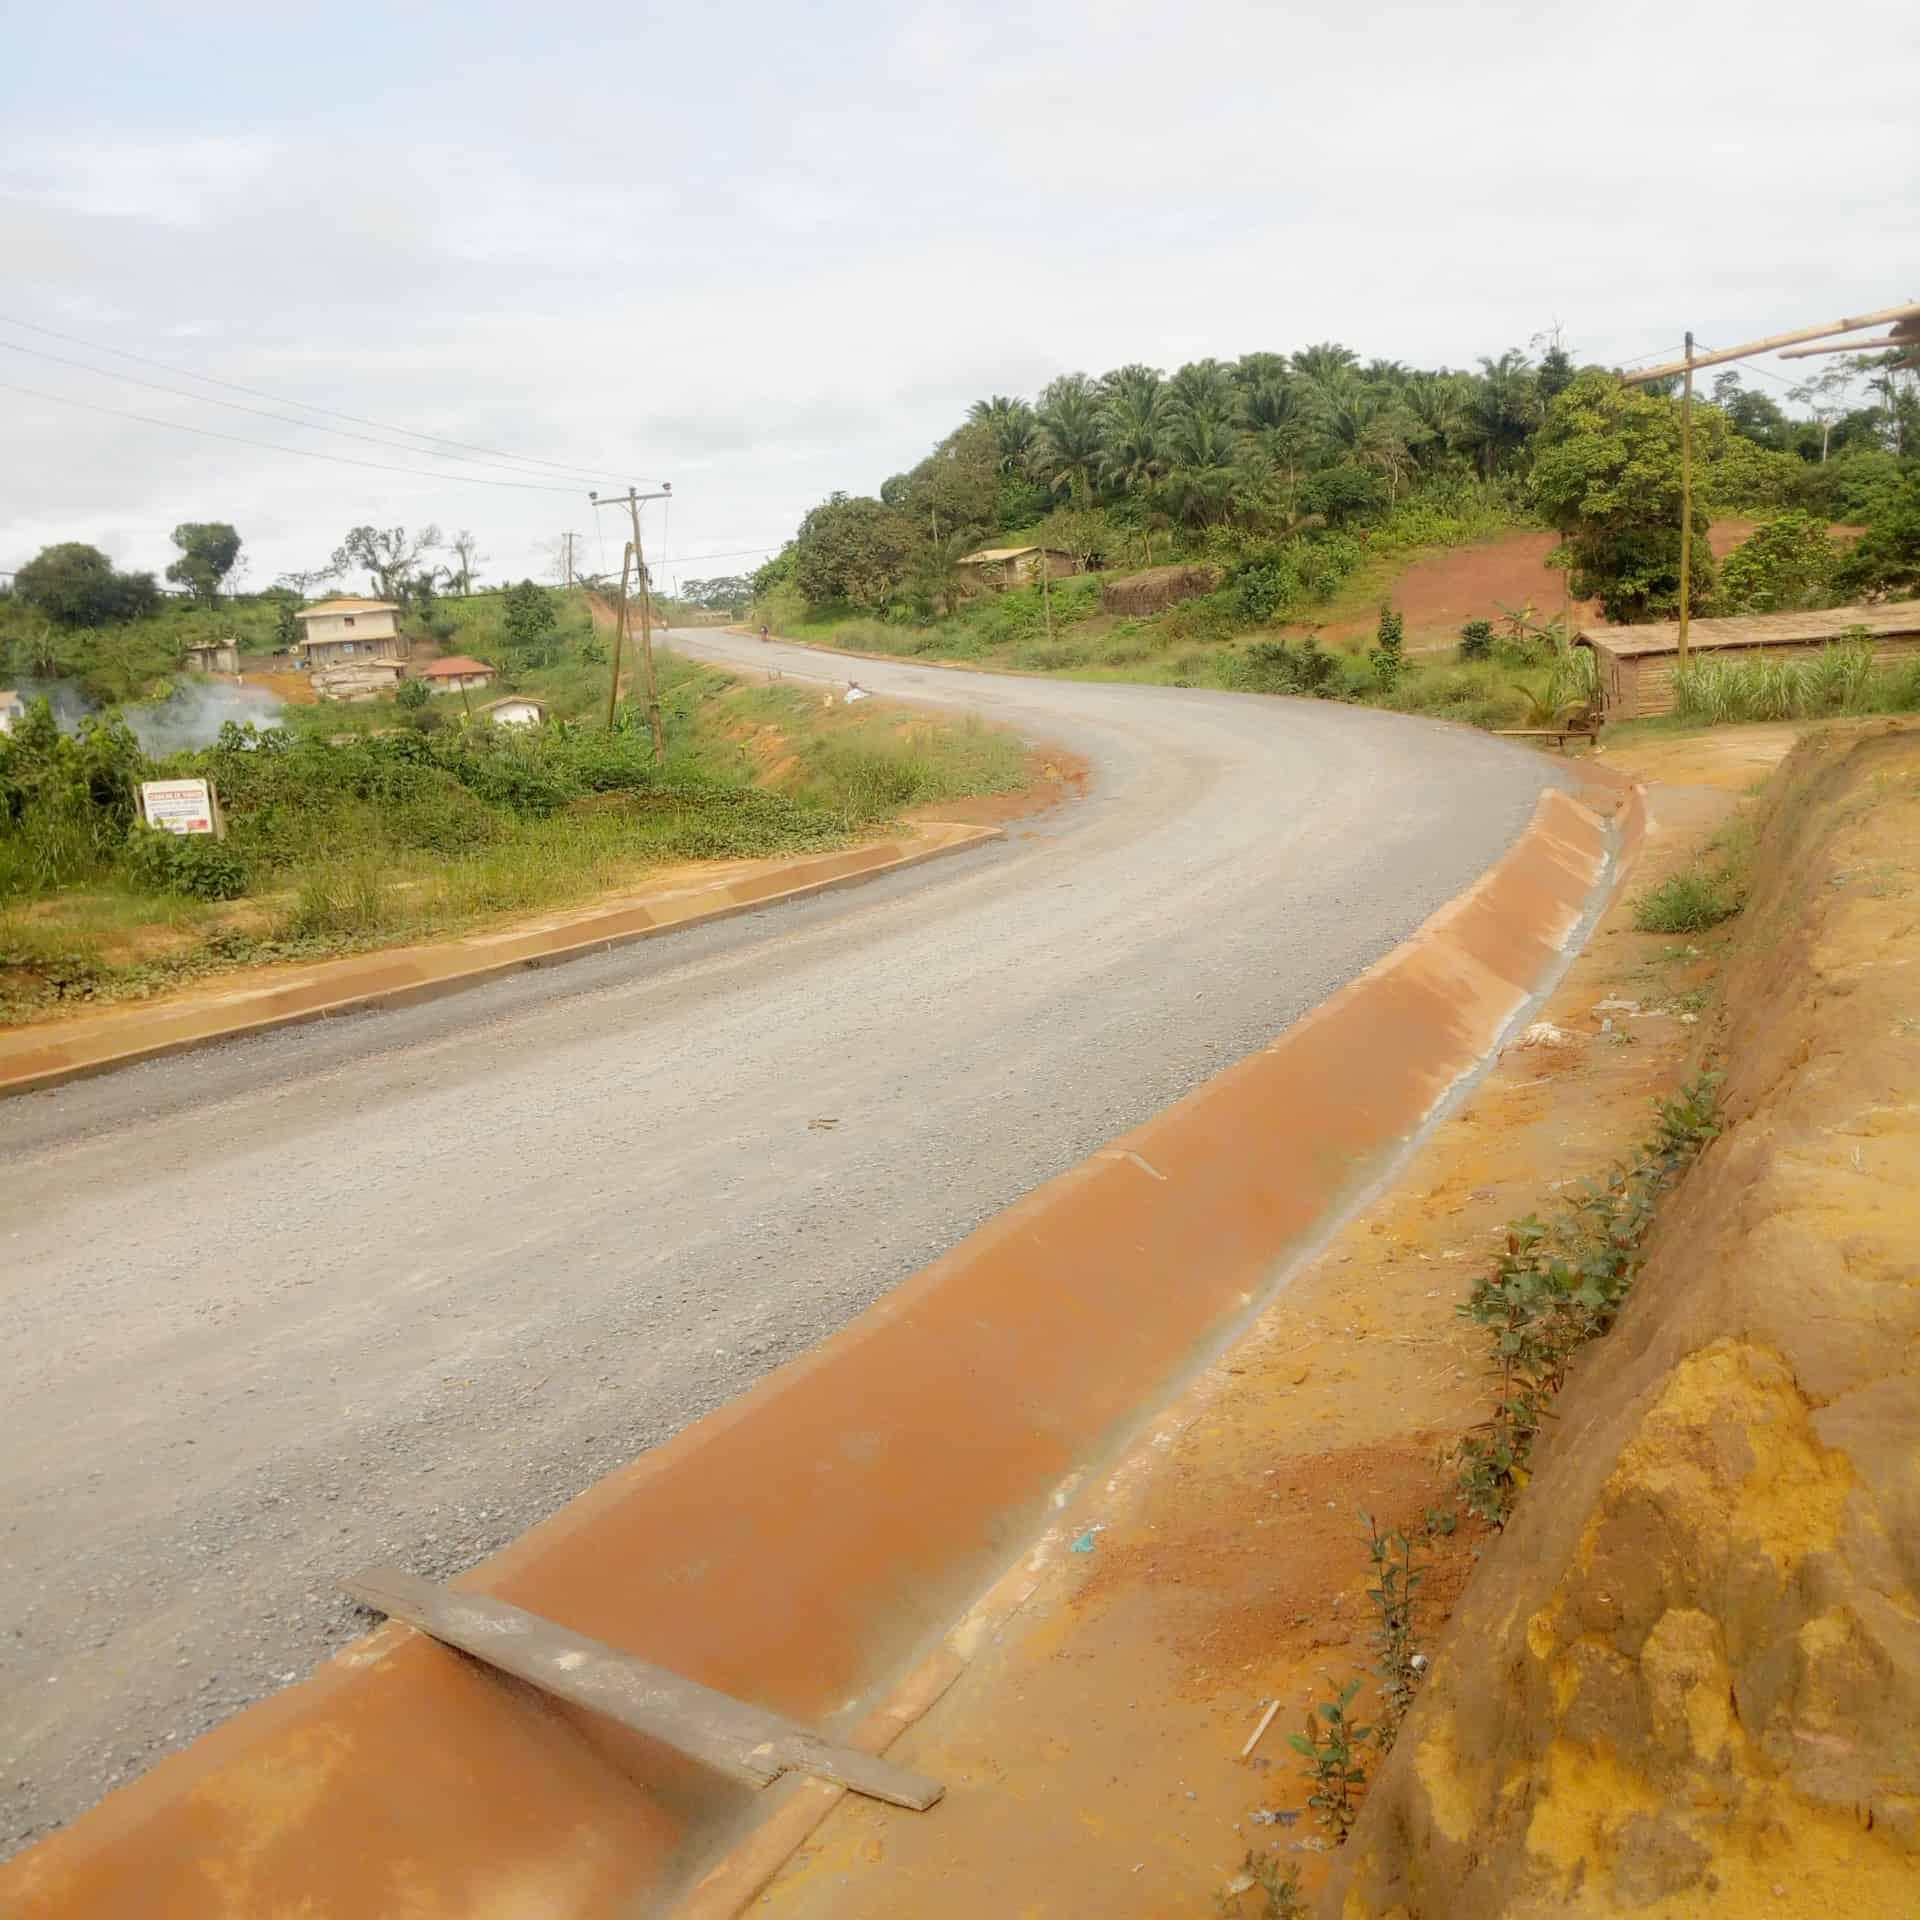 Land for sale at Douala, PK 26, Séminaire - 750 m2 - 7 000 000 FCFA